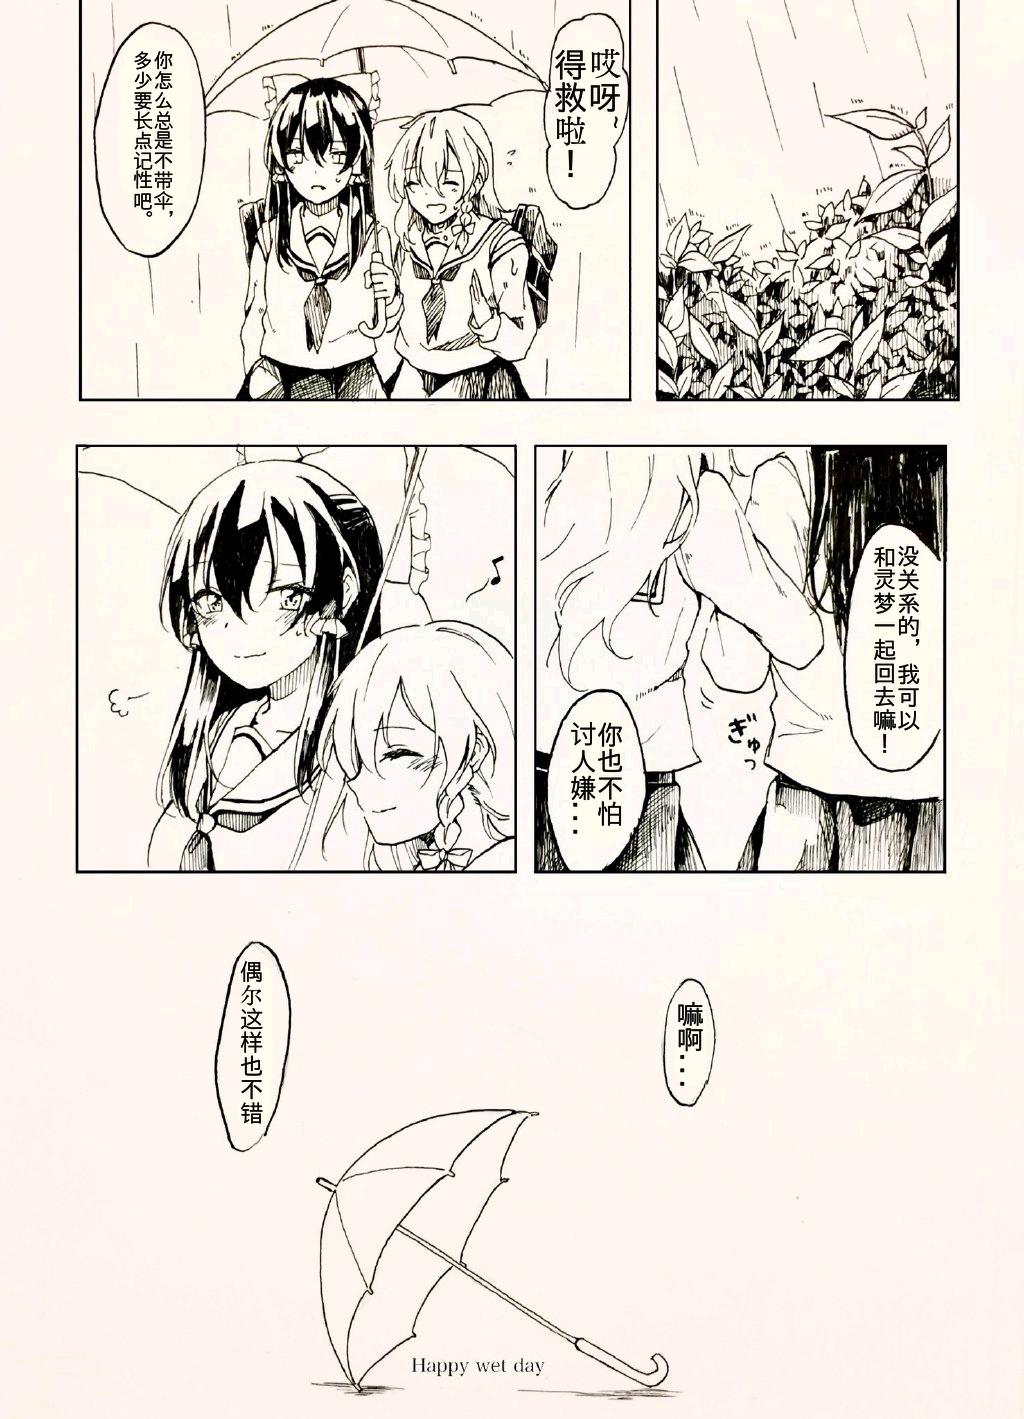 【主角组吧(茶与金平糖)汉化组】近期制作的短漫合集2-小柚妹站